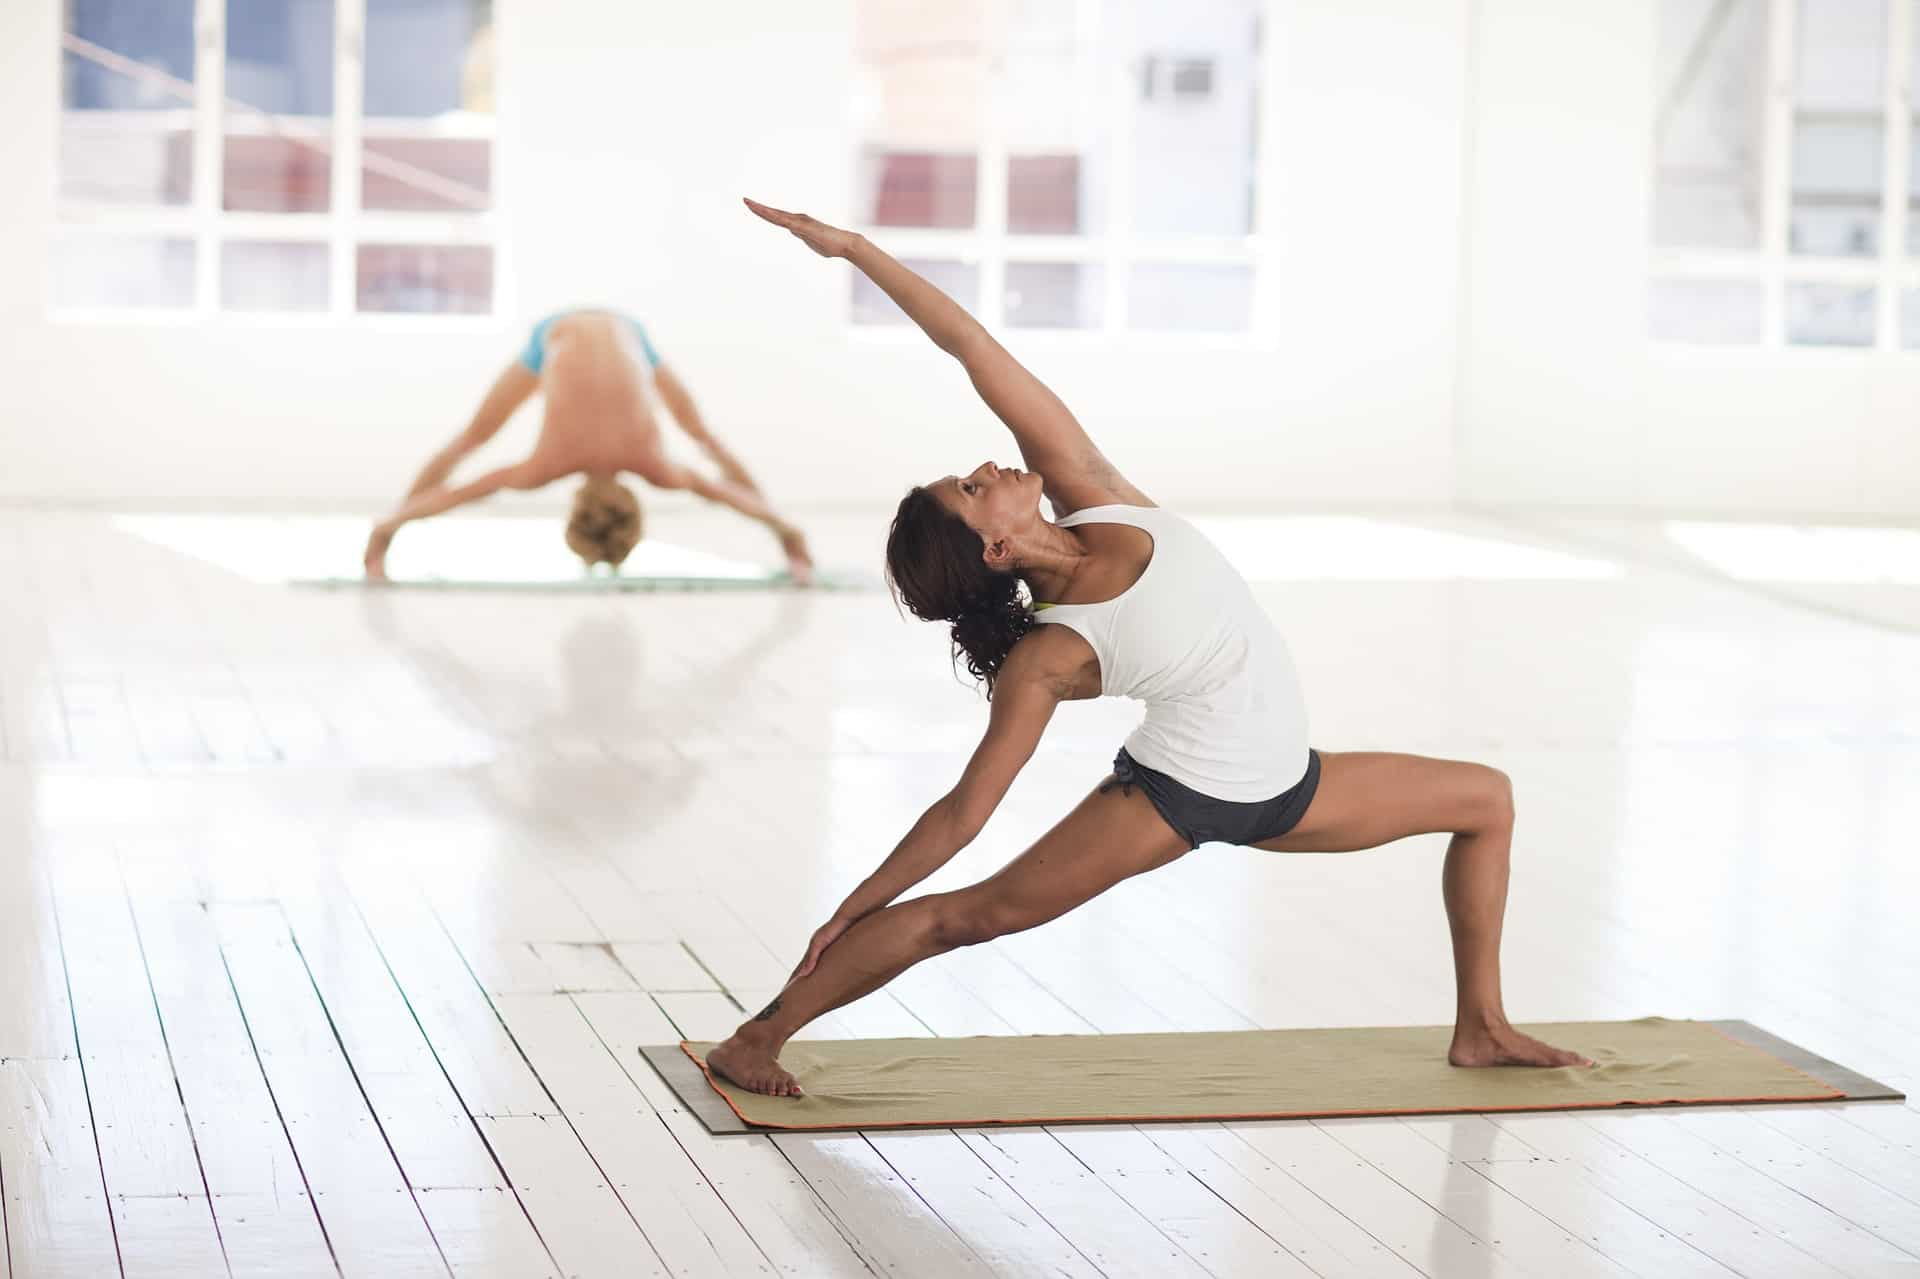 Natürliche Kork TPE Yogamatte rutschfeste Trainingseinheiten mit Positionslinie